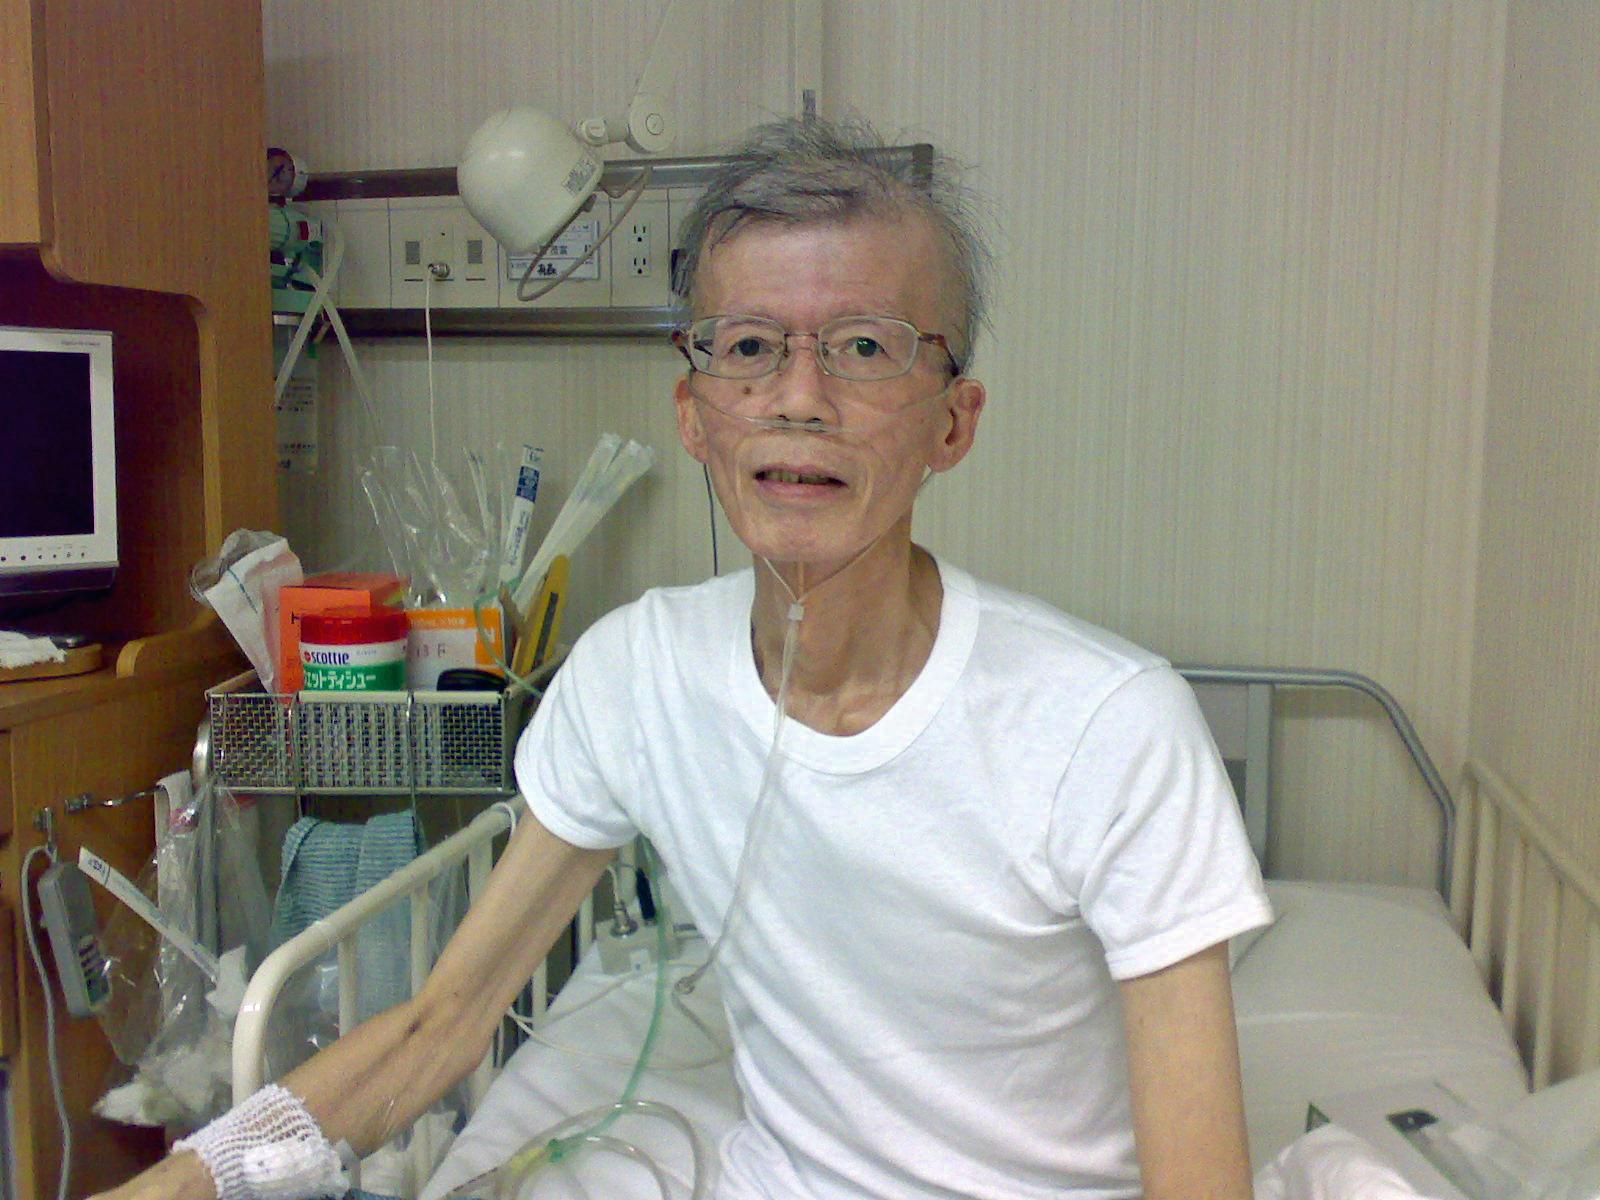 """末期肺がん患者""""しげやん""""とその家族の物語:もう終わりだなぁ3 - livedoor Blog(ブログ)"""